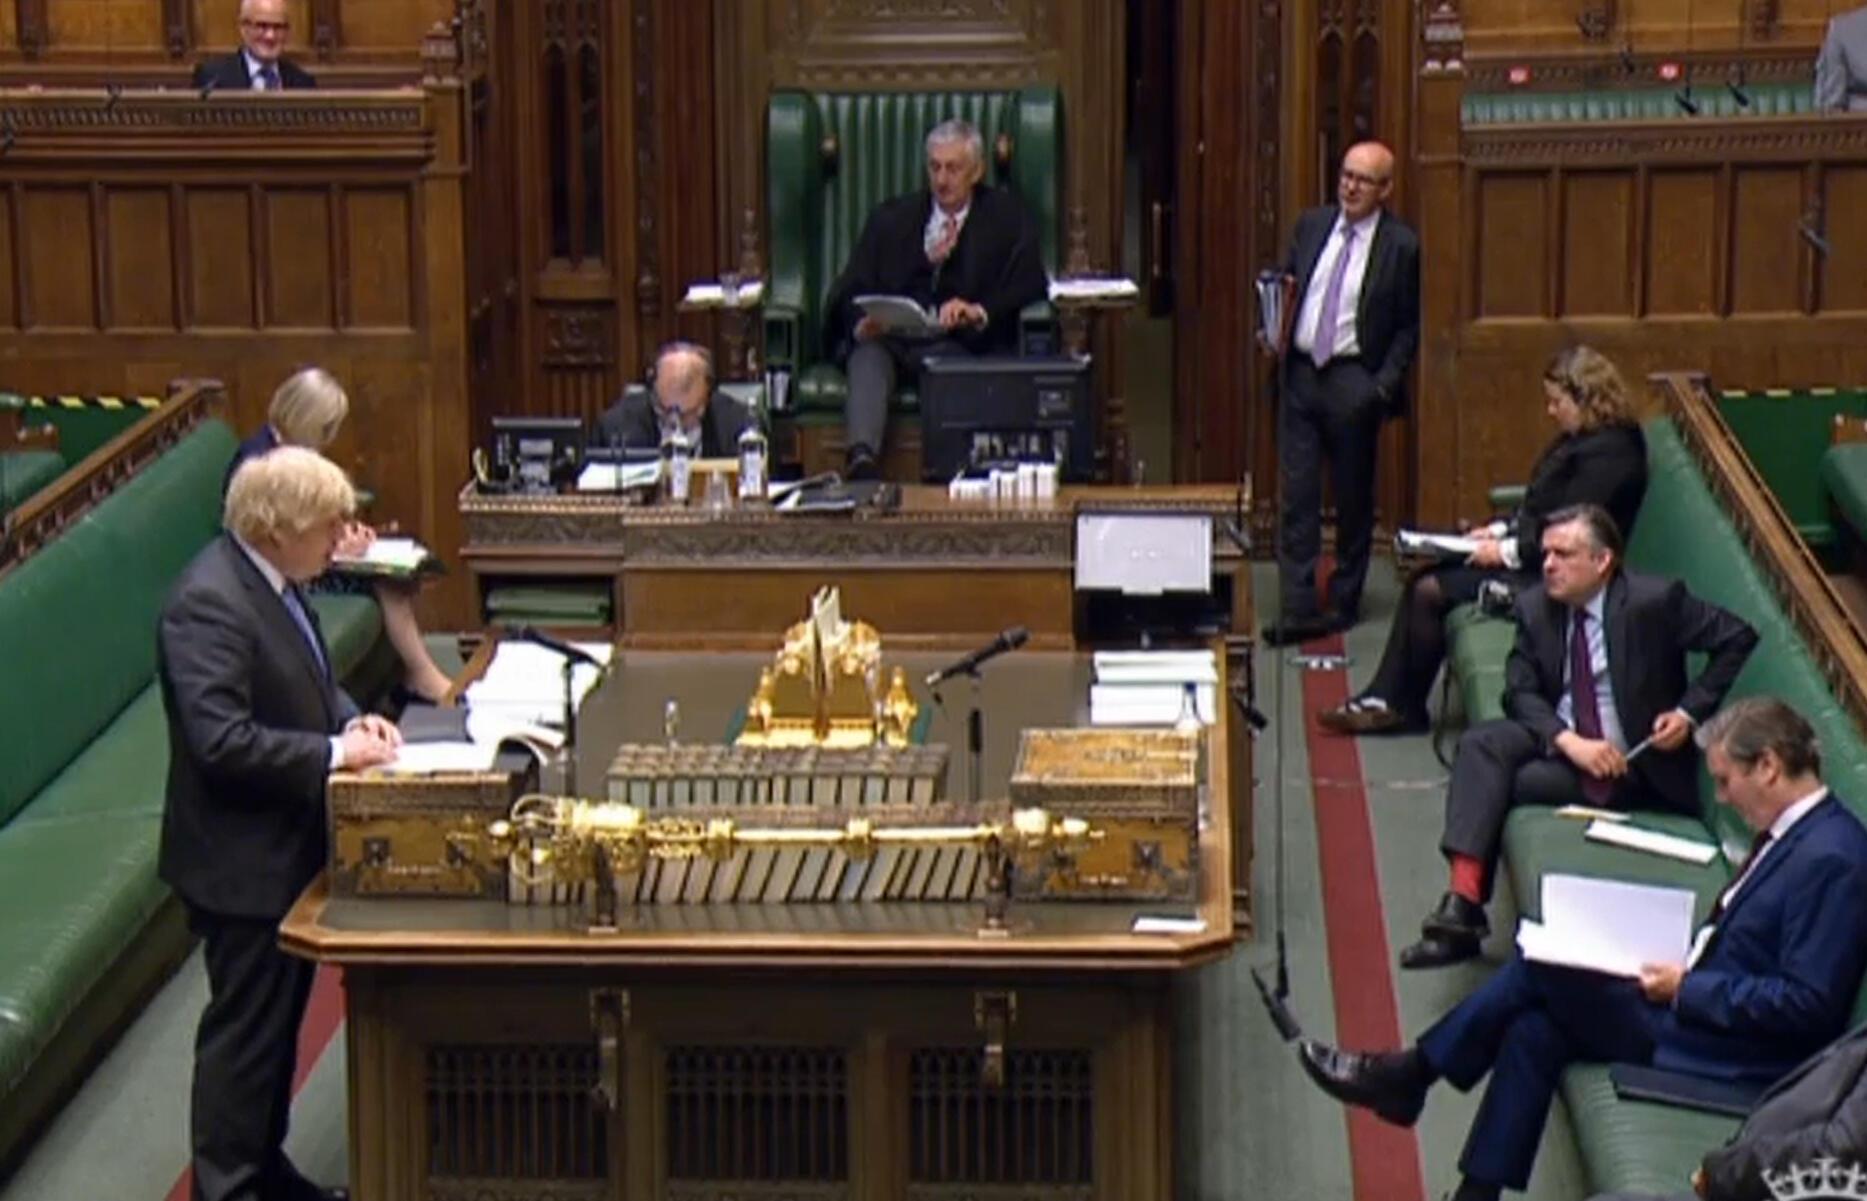 Ảnh minh họa: Thủ tướng Anh Boris Johnson phát biểu tại Nghị Viện về việc nới lỏng các quy định dịch tễ chống Covid-19.